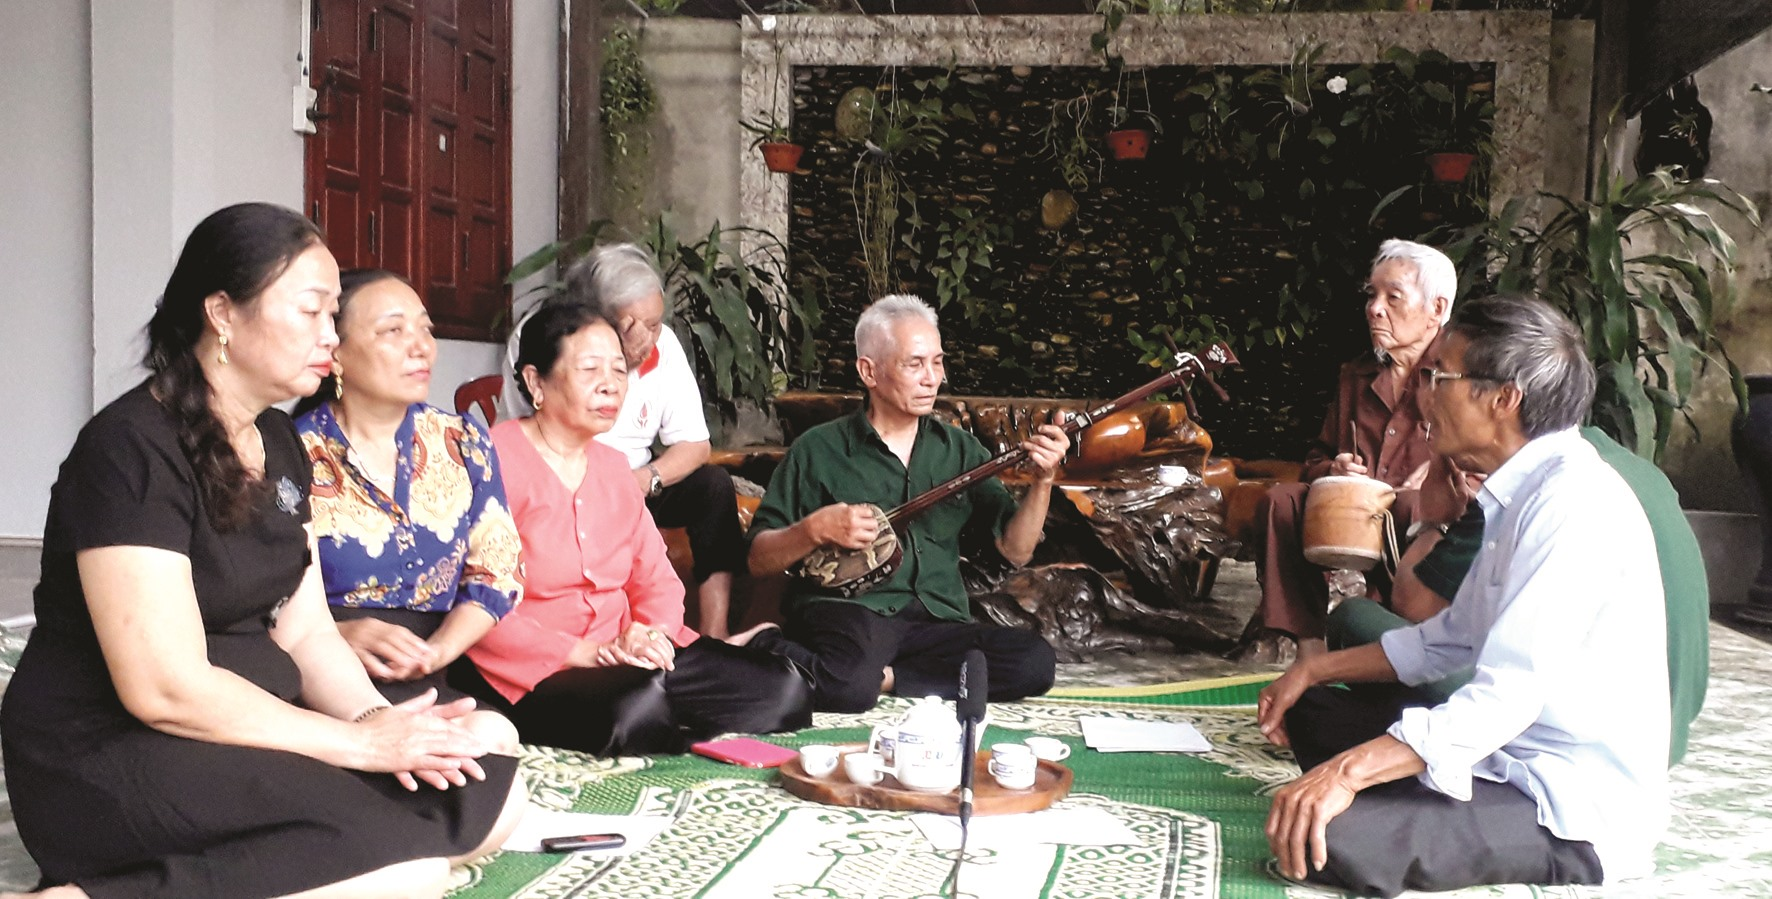 Câu lạc bộ nghệ thuật truyền thống đang tập hát chèo truyền thống.